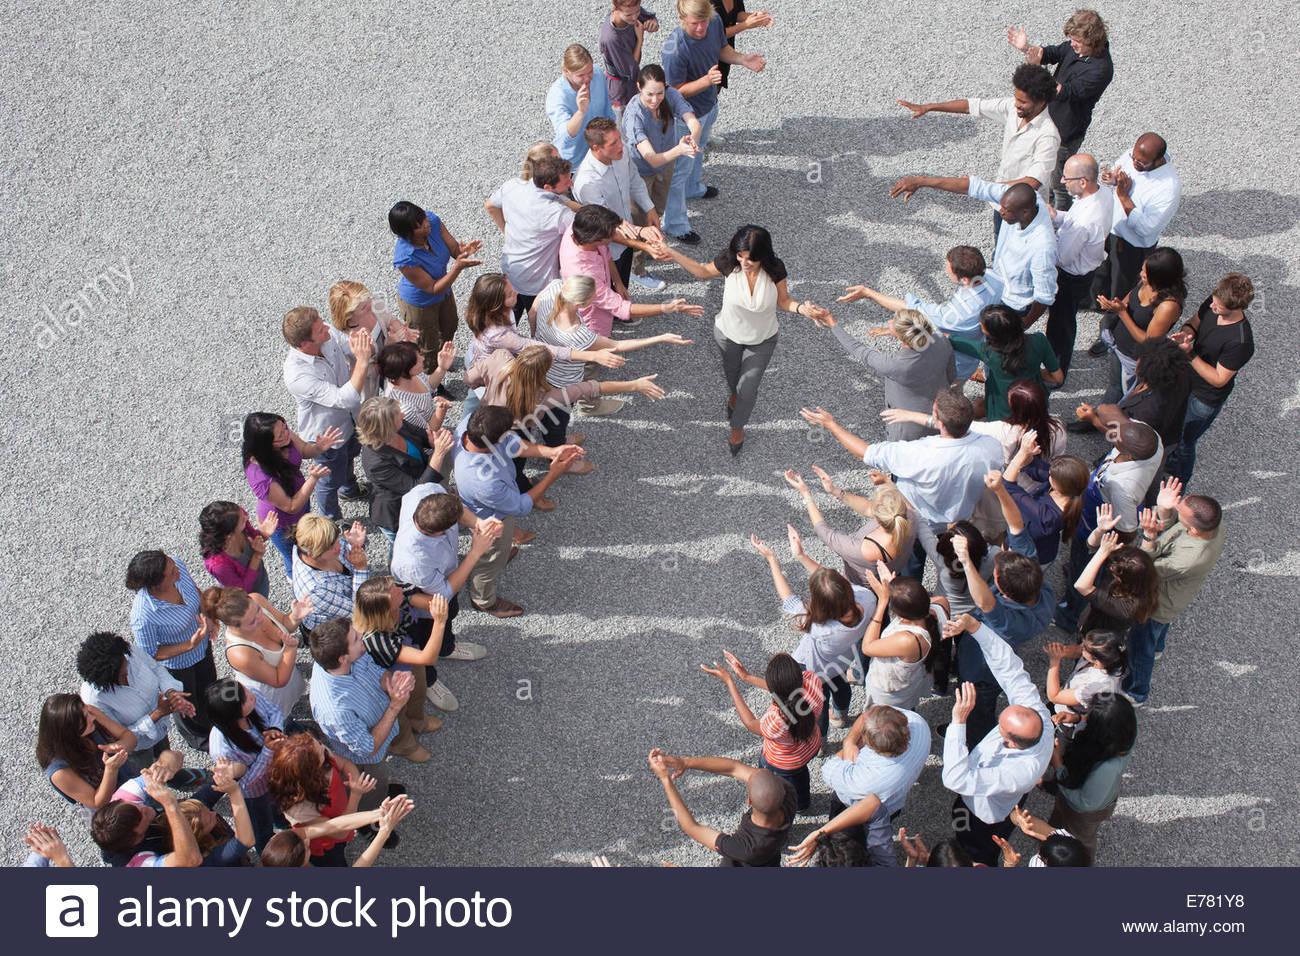 Mujer caminando entre dos grupos de personas, las palmas Imagen De Stock